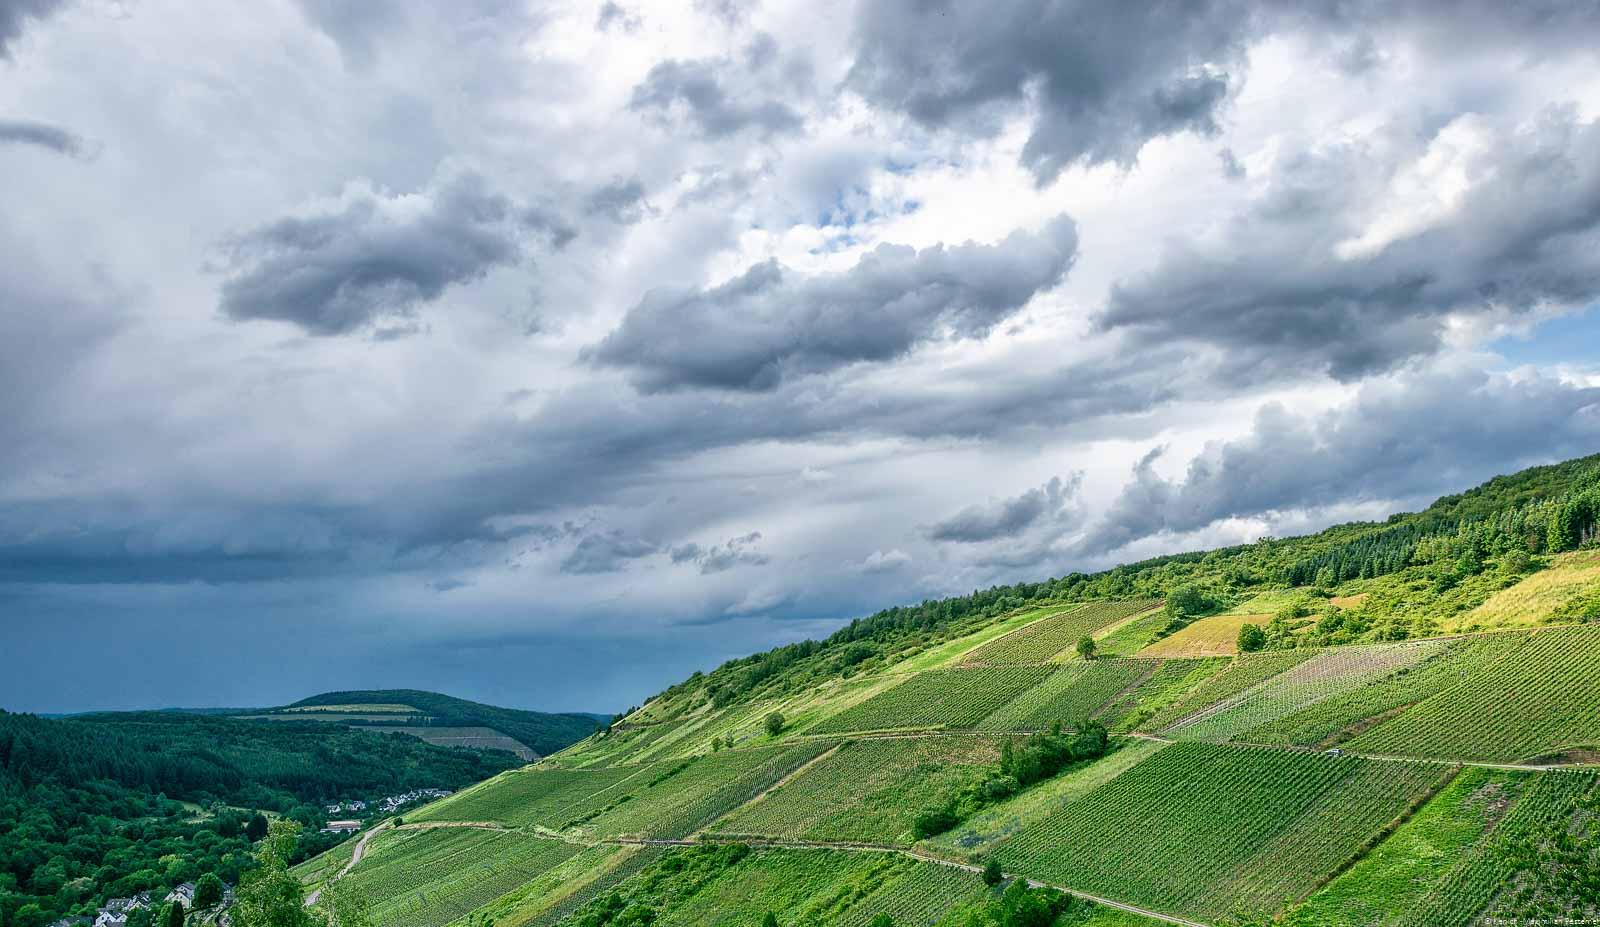 Die Ruwer ist ein Seitental der Mosel und bekannt für ihre leichten aromatischen Weine